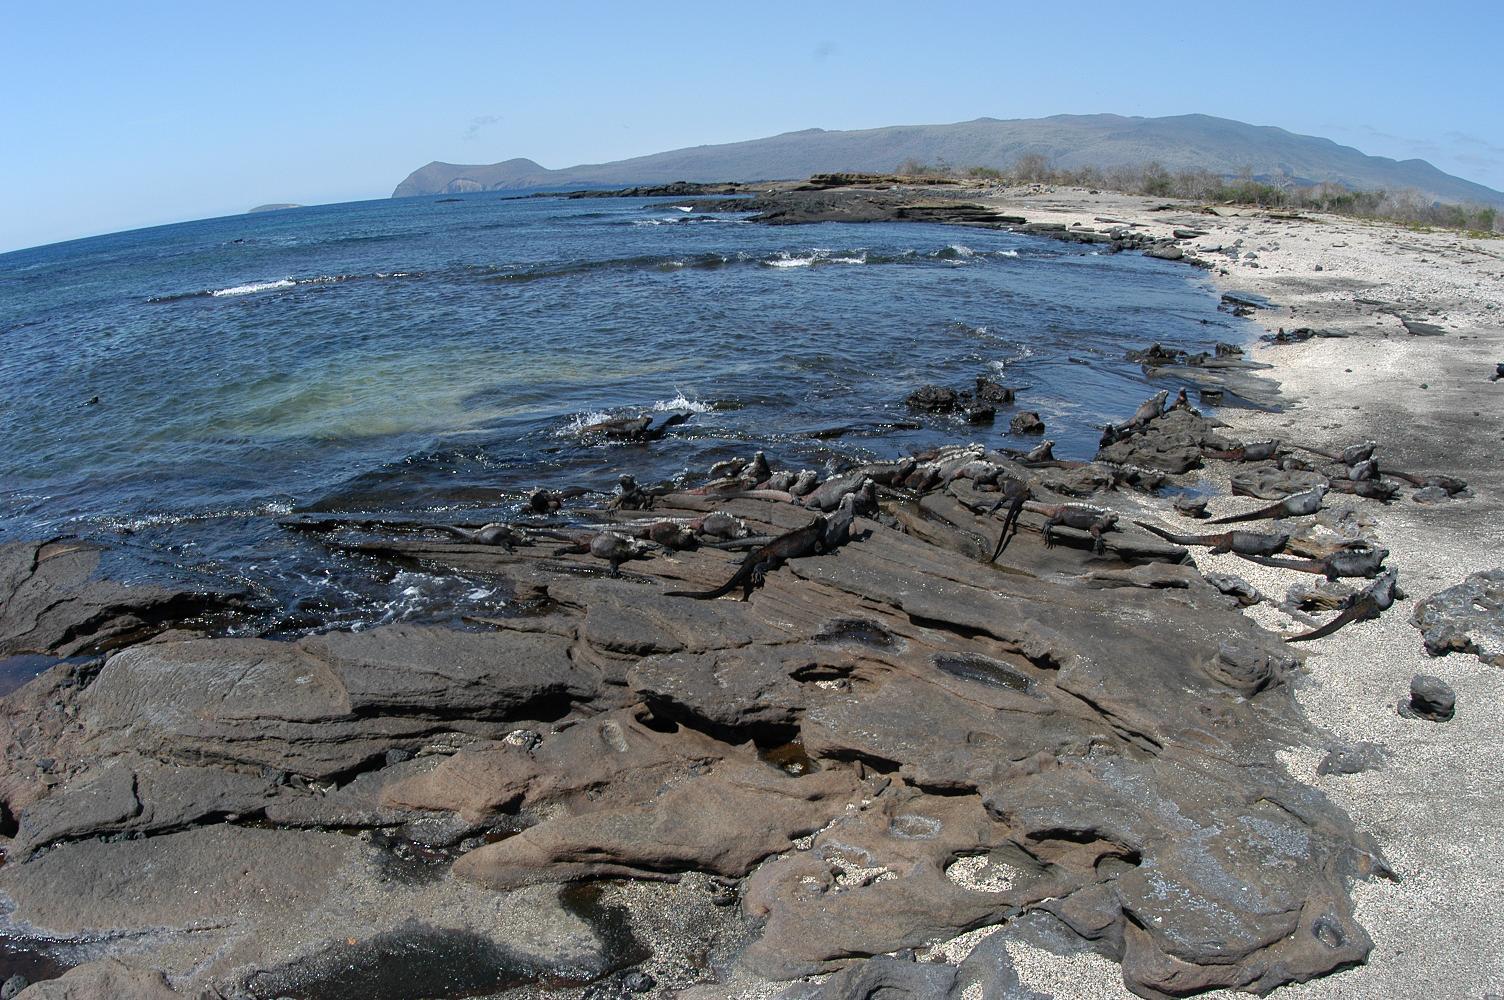 ガラパゴス諸島の画像 p1_33